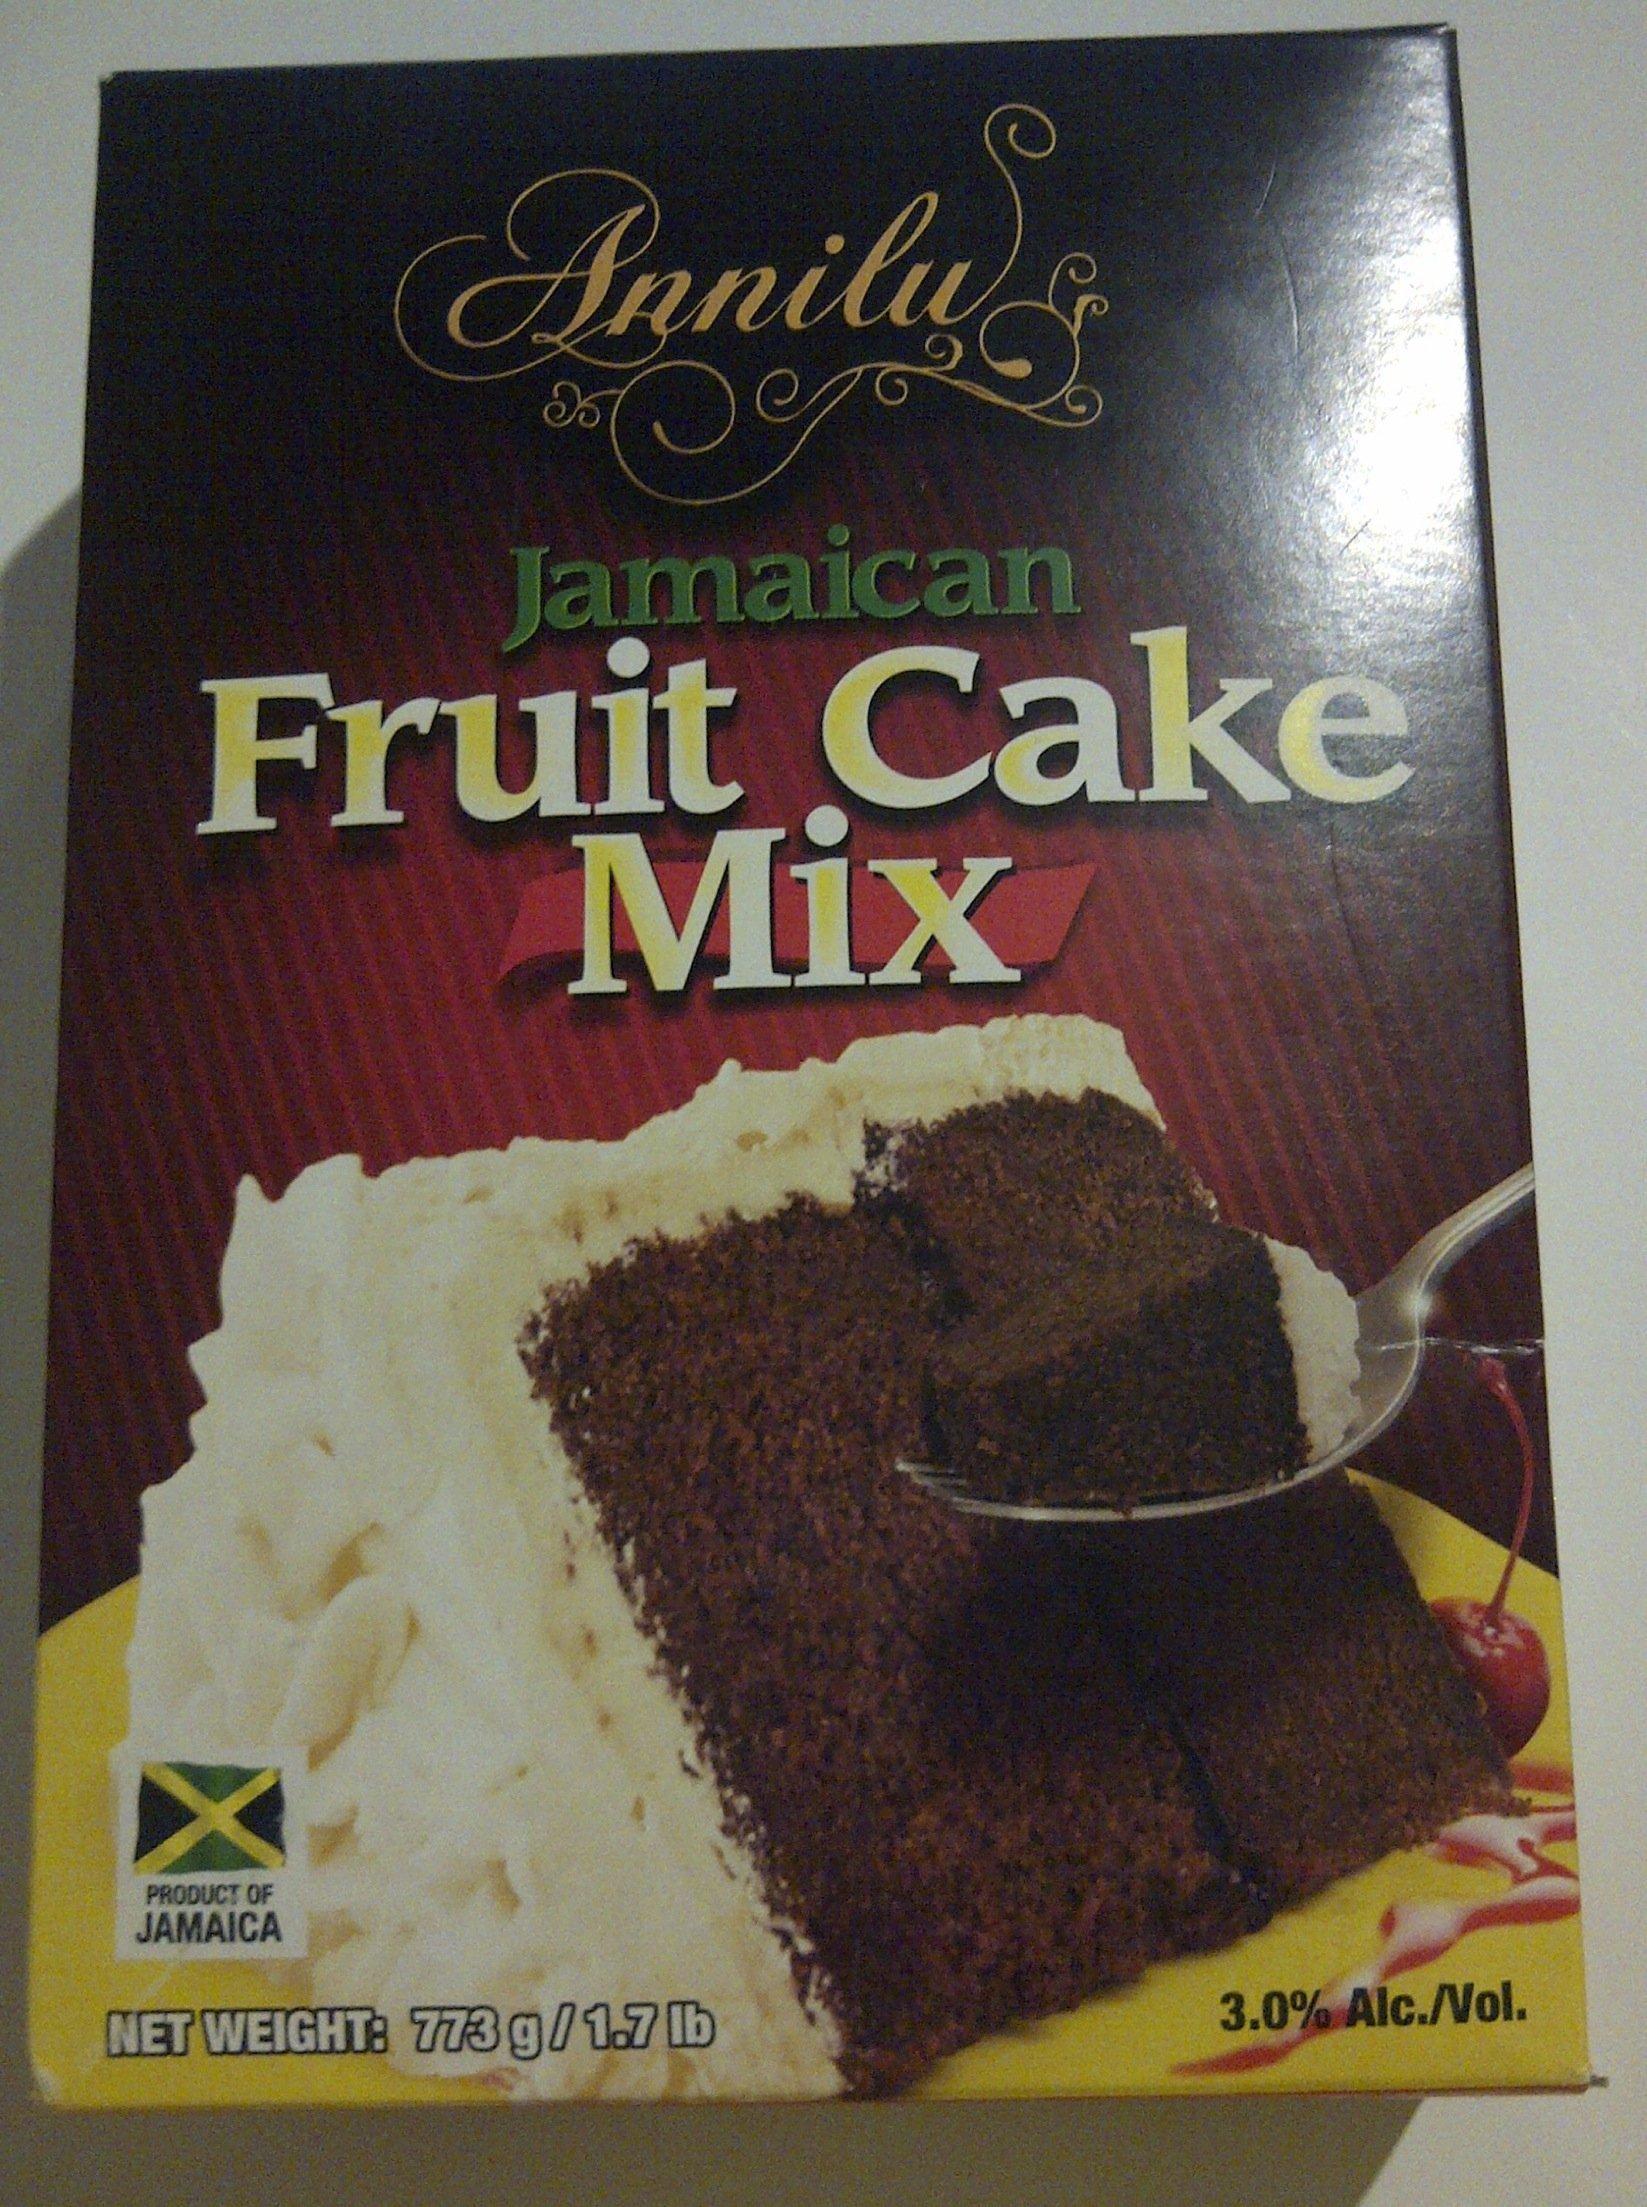 Jamaican Fruit Cake Mix - Annilu 1.7 Lb - Product of Jamaican